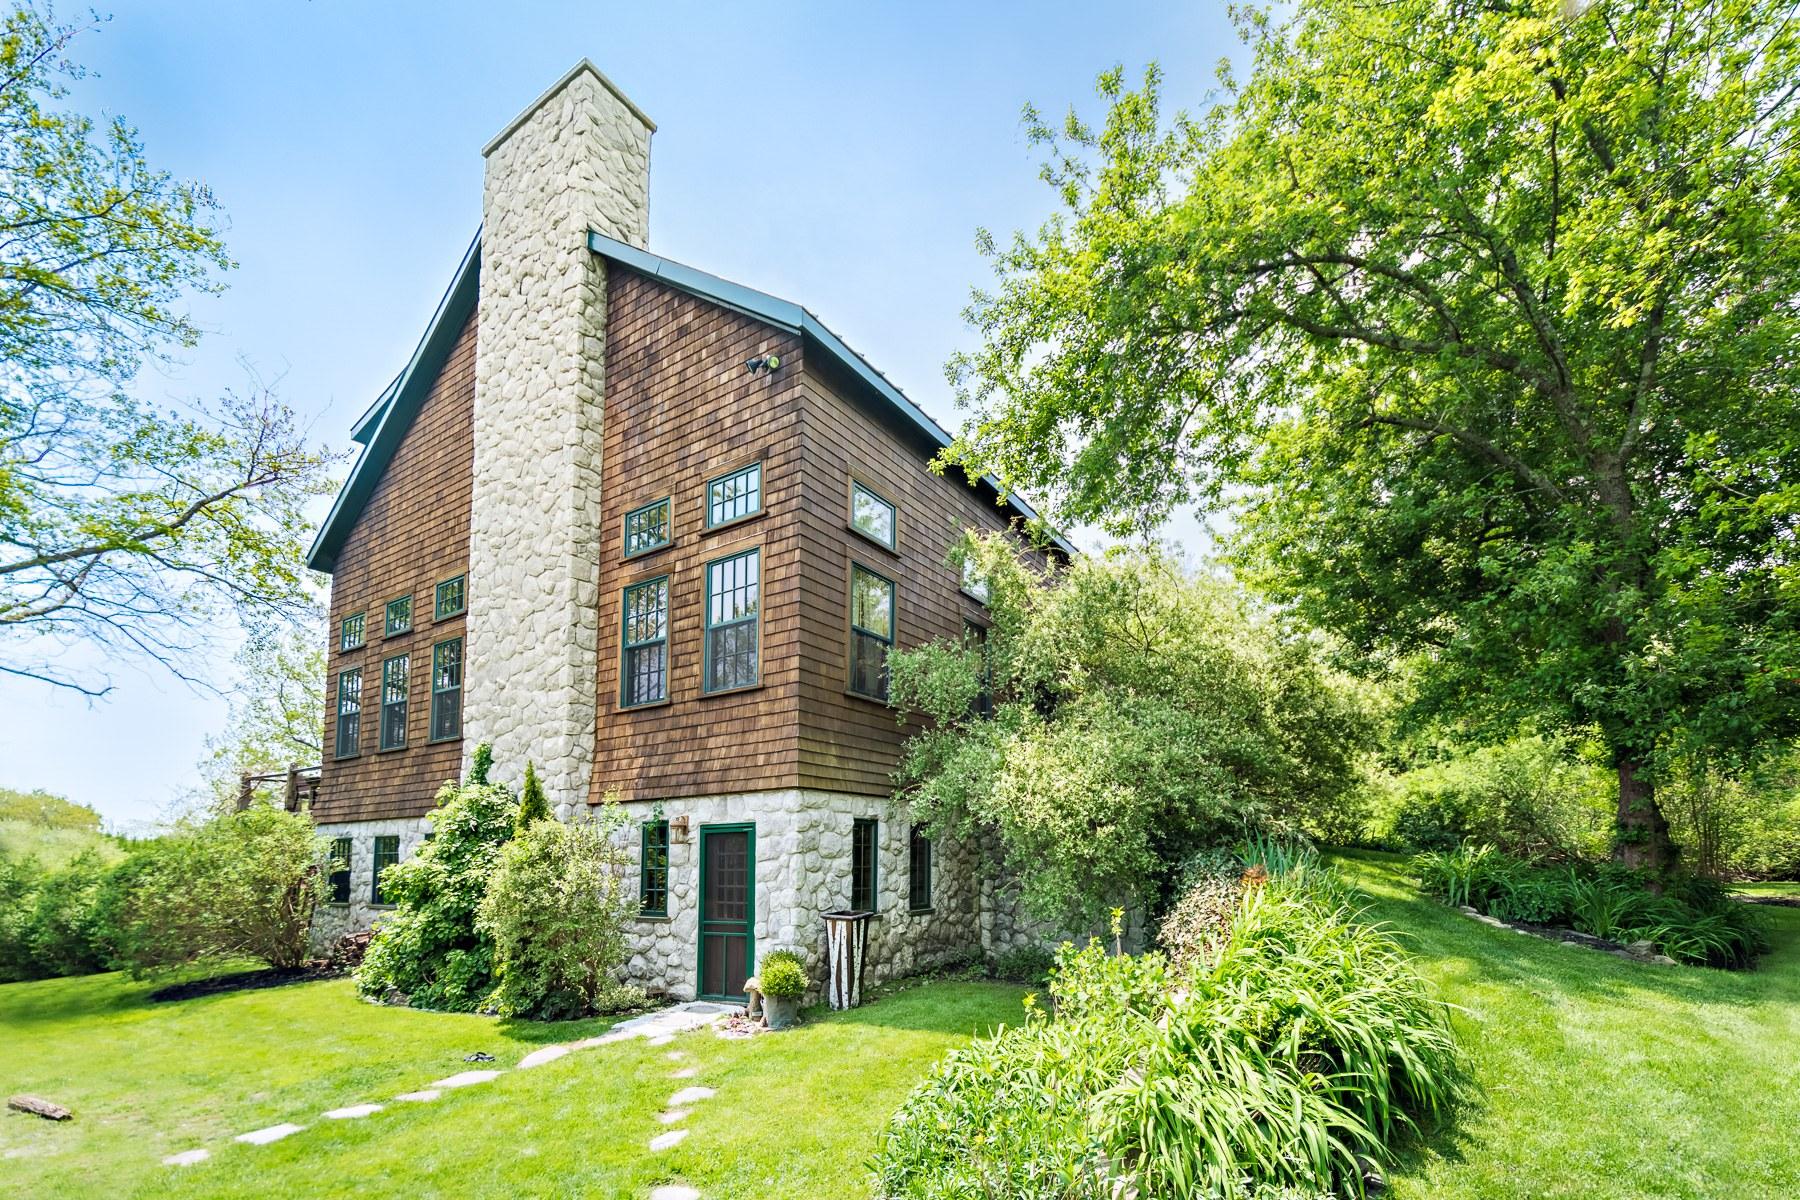 single family homes for Sale at 40 View Av, Middletown, RI Middletown, Rhode Island 02842 United States